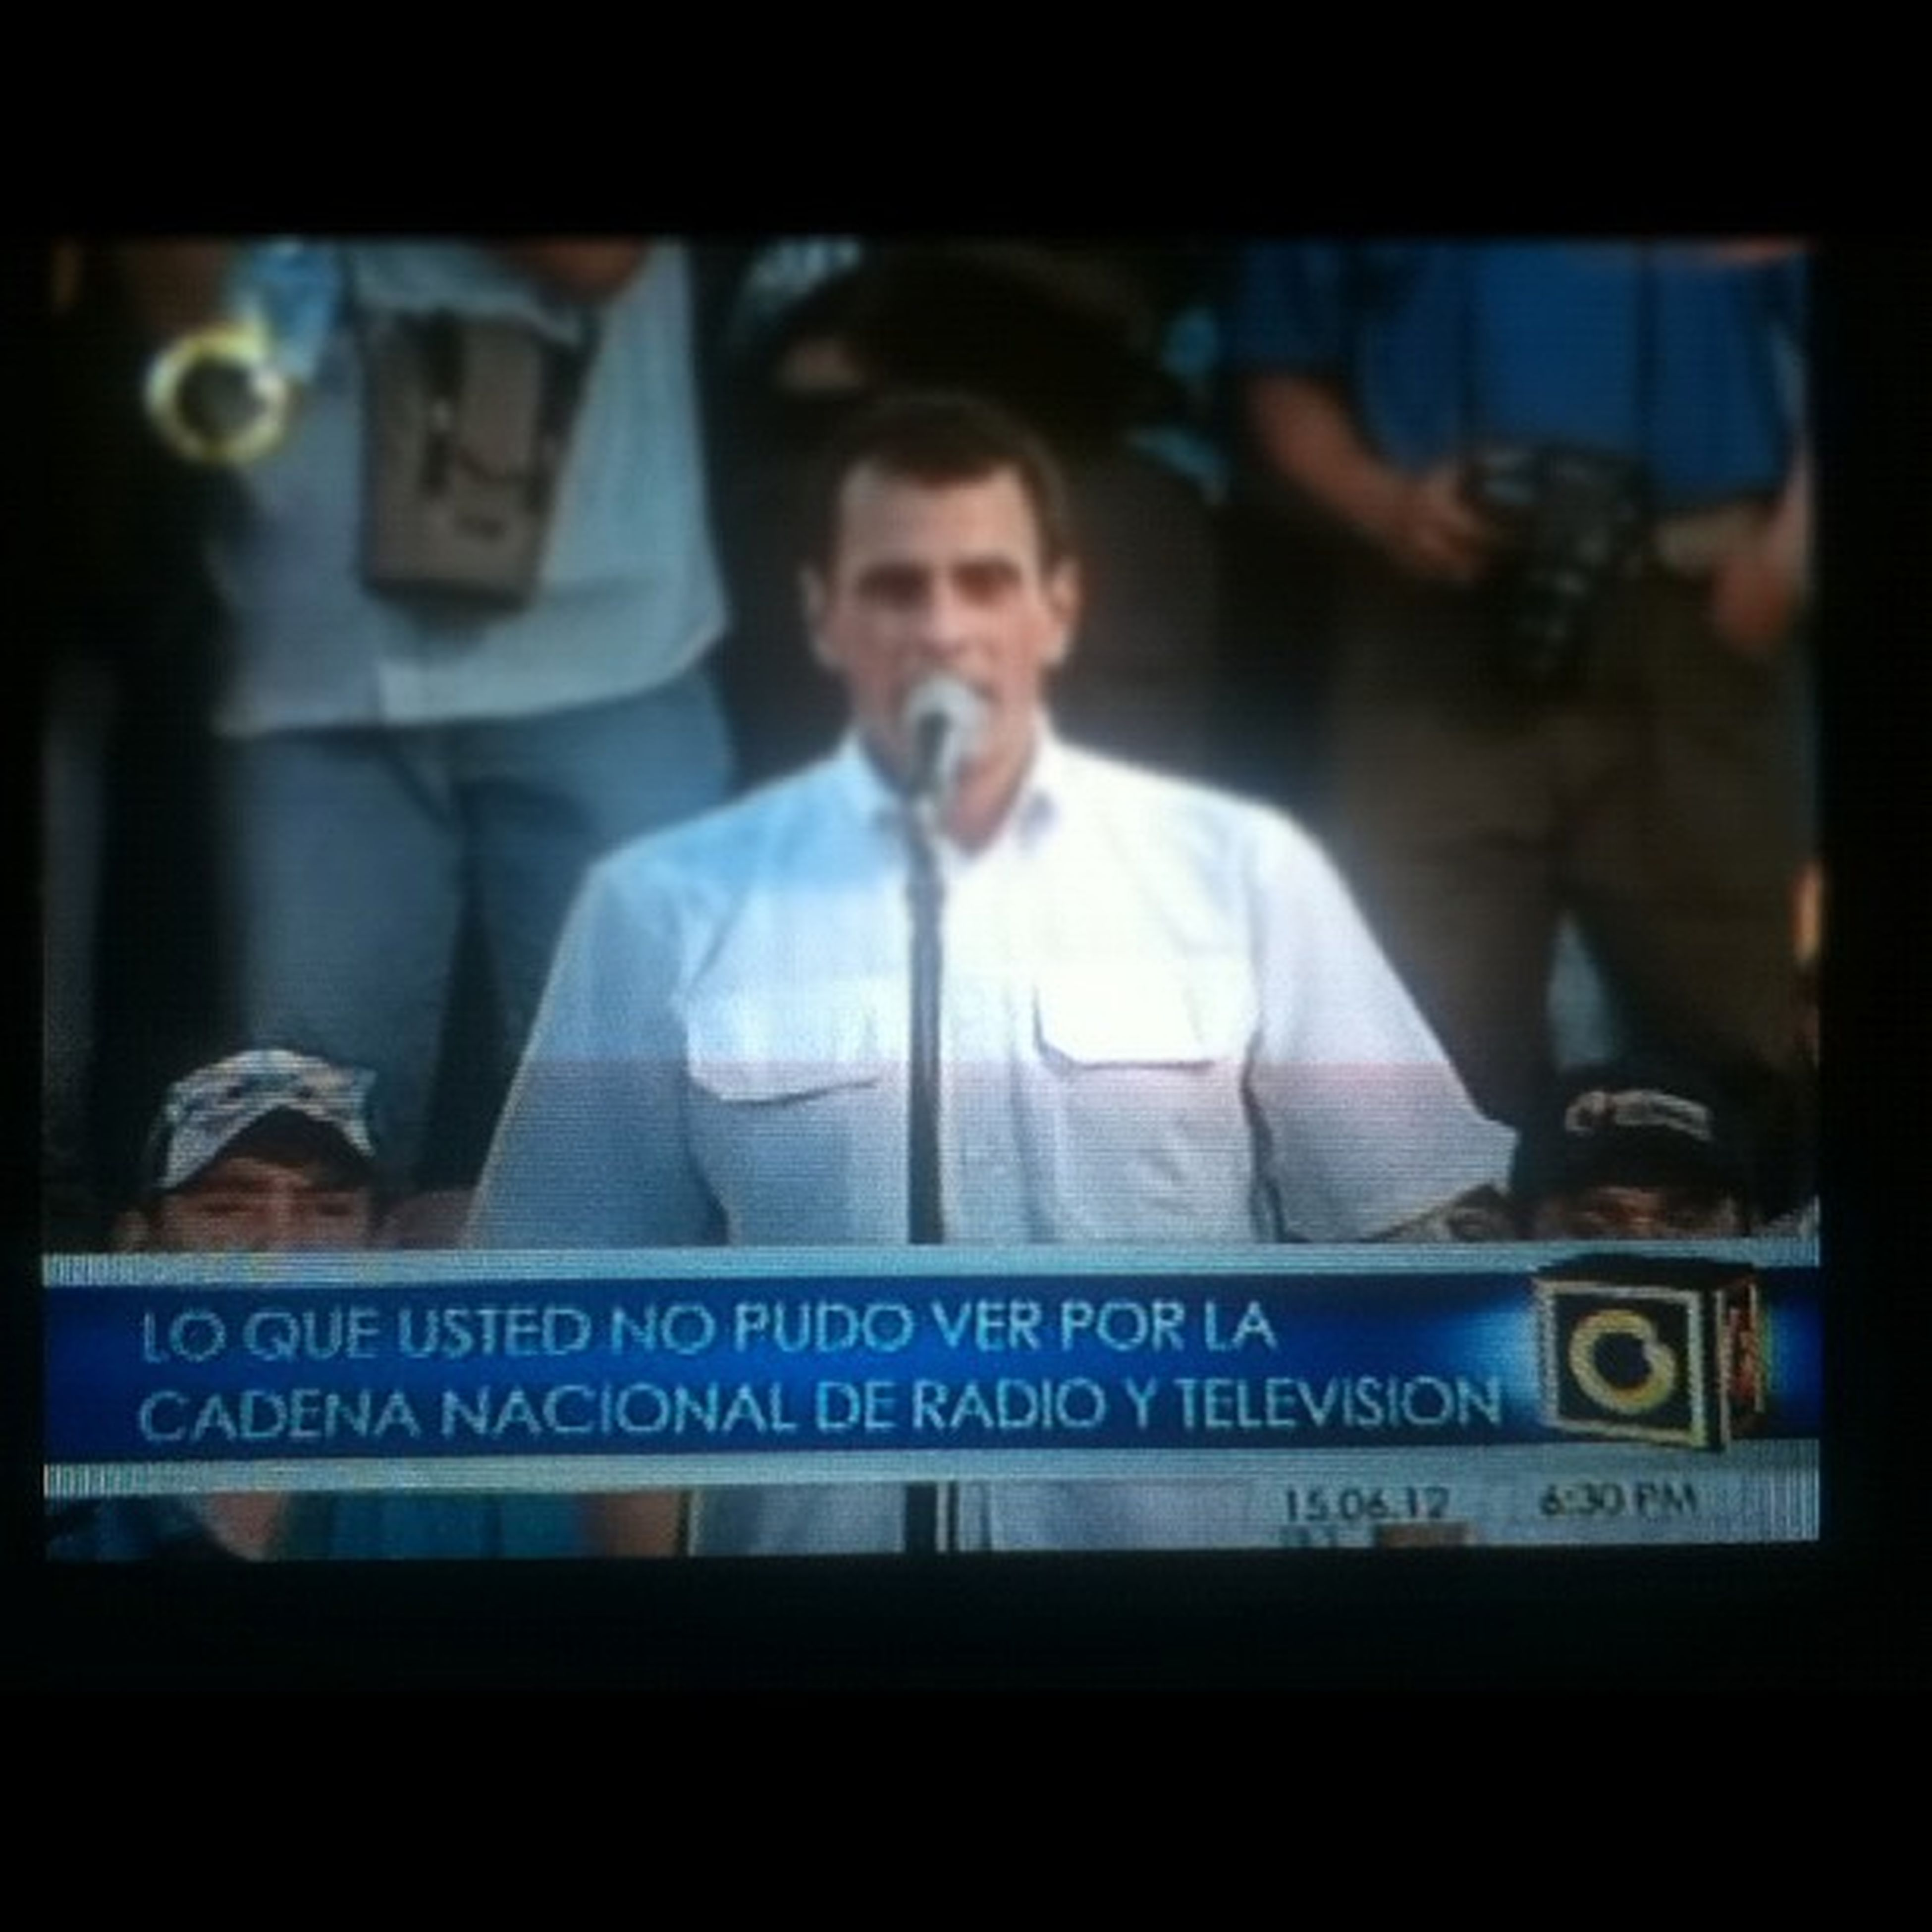 Globovisión siempre tan ingeniosos jajaja 